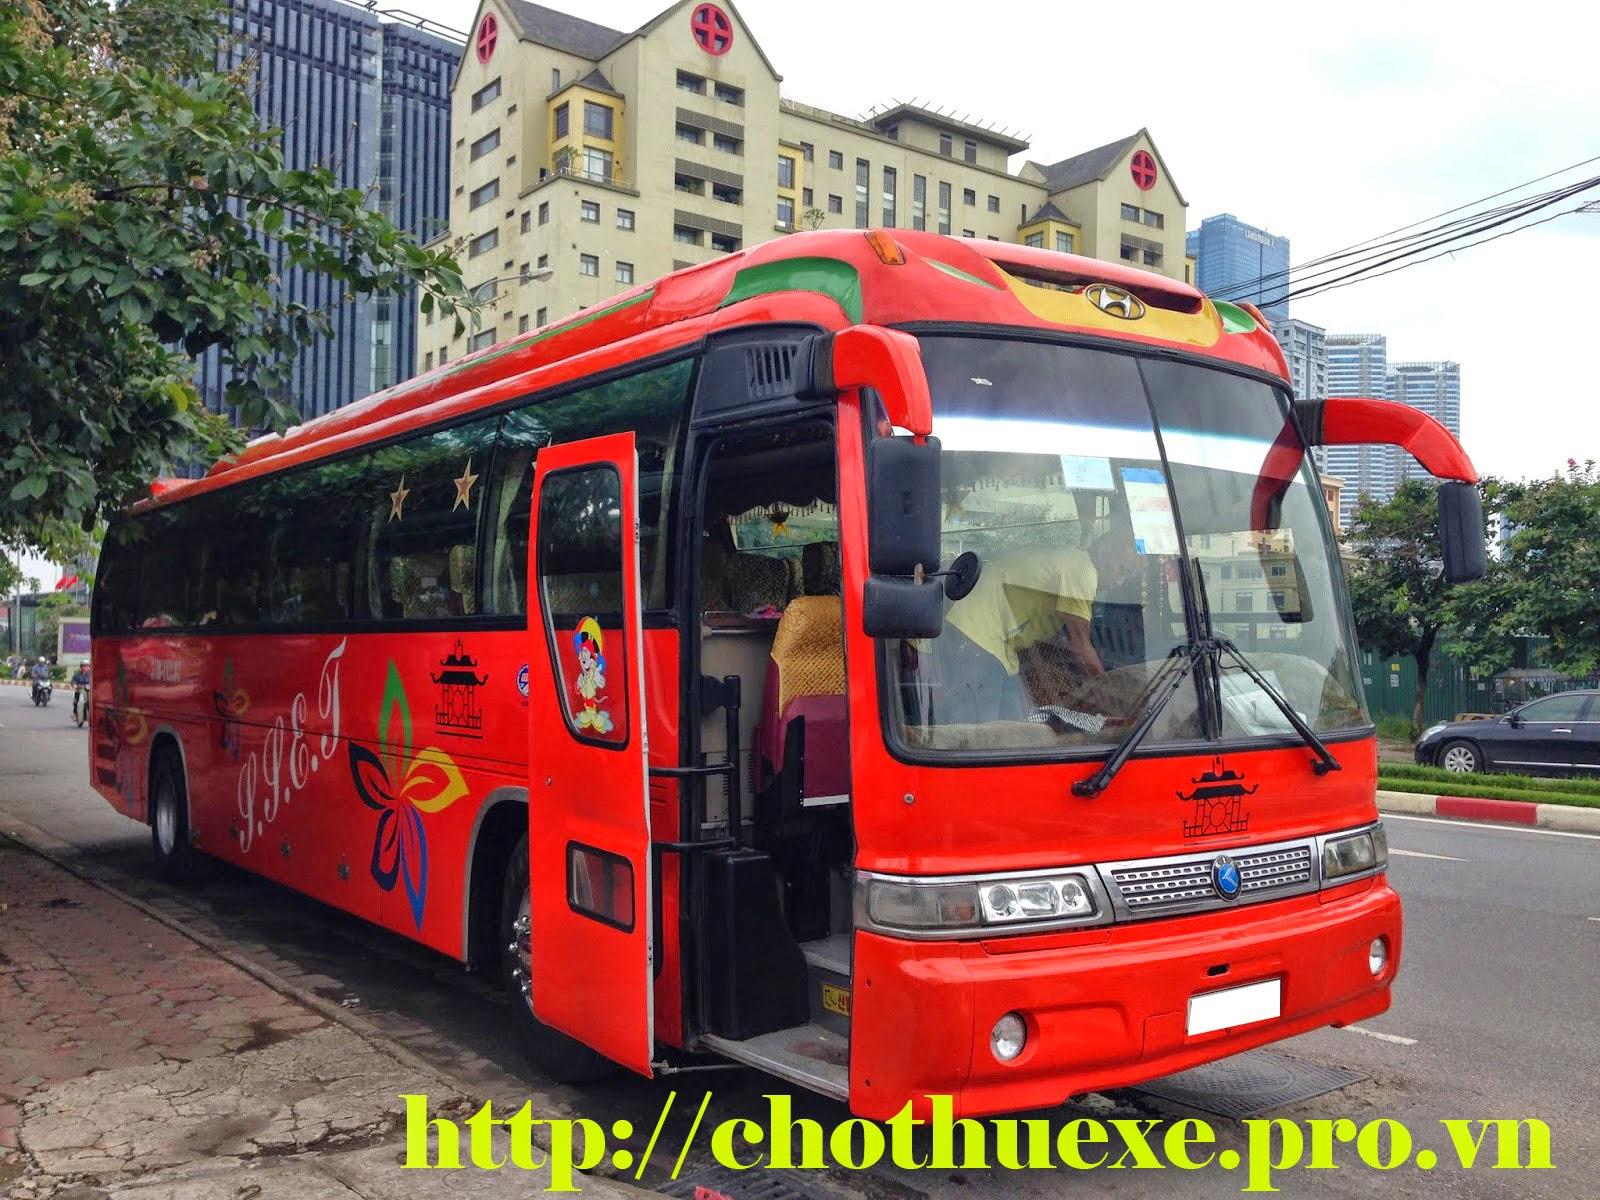 Cho thuê xe đưa đón nhân viên tại Hà Nội theo tháng